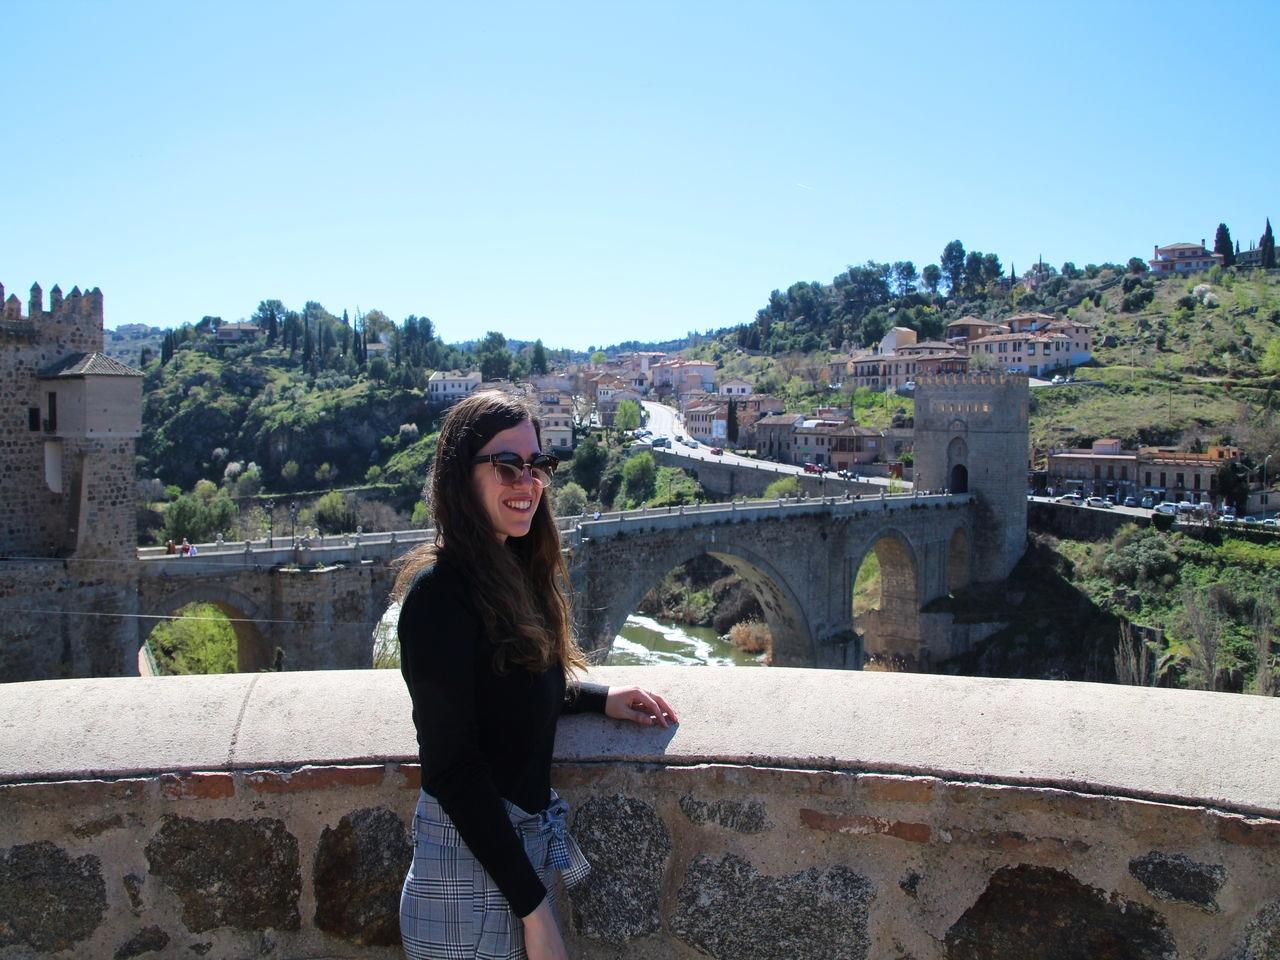 Te recomiendo cruzar el Puente de San Martín en tu escapada de fin de semana en Toledo.